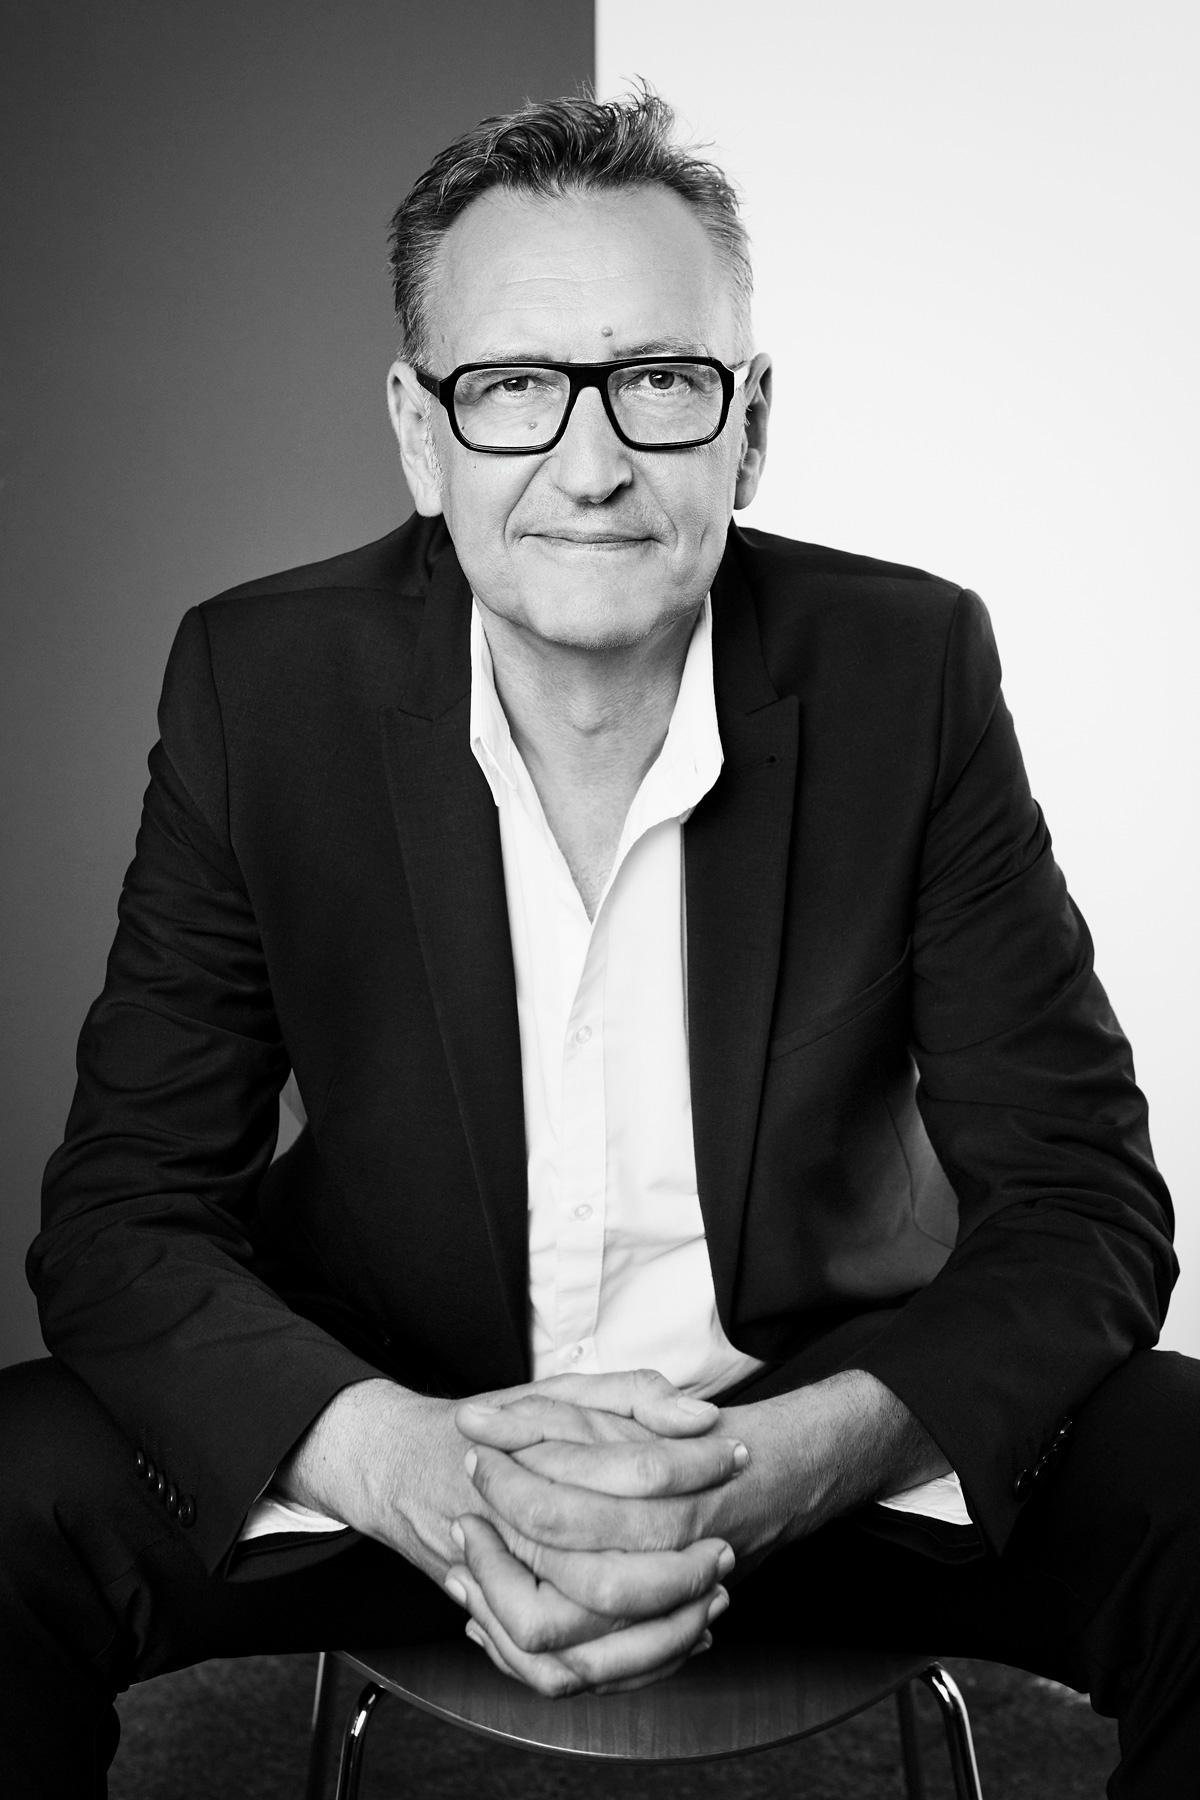 Jens Fehlig